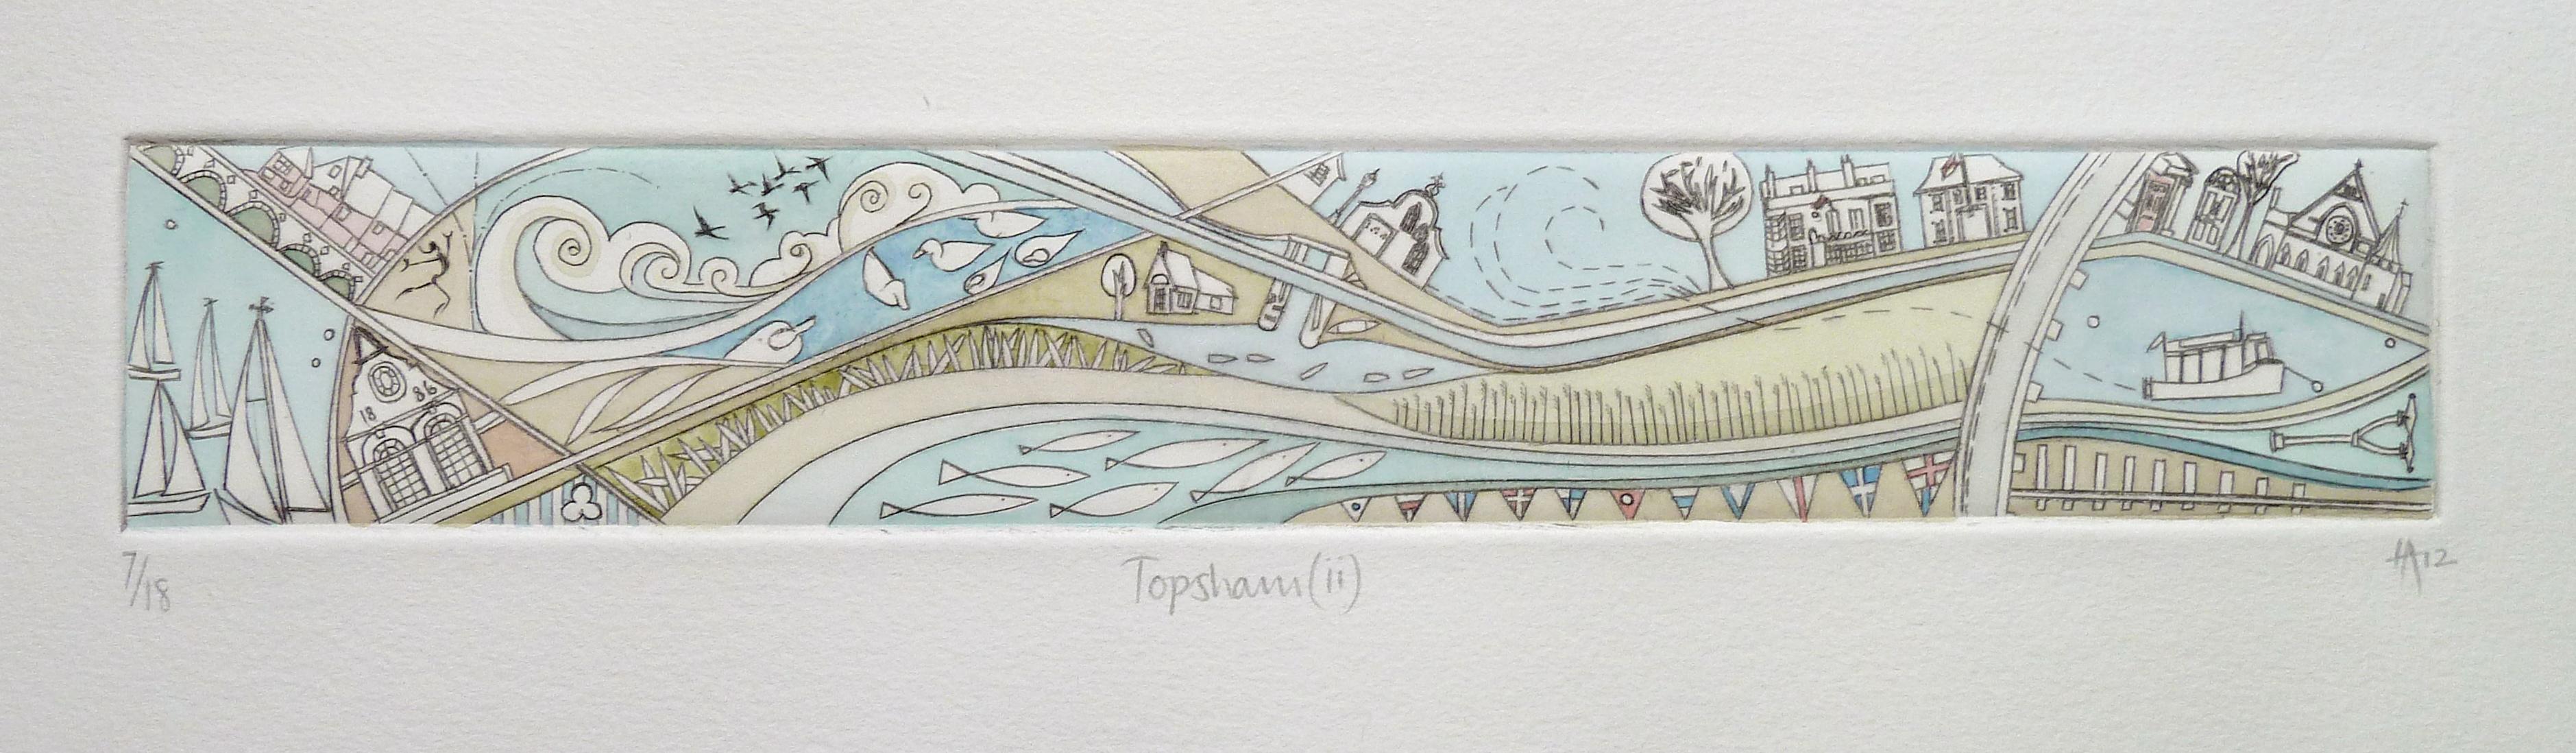 Topsham (ii)